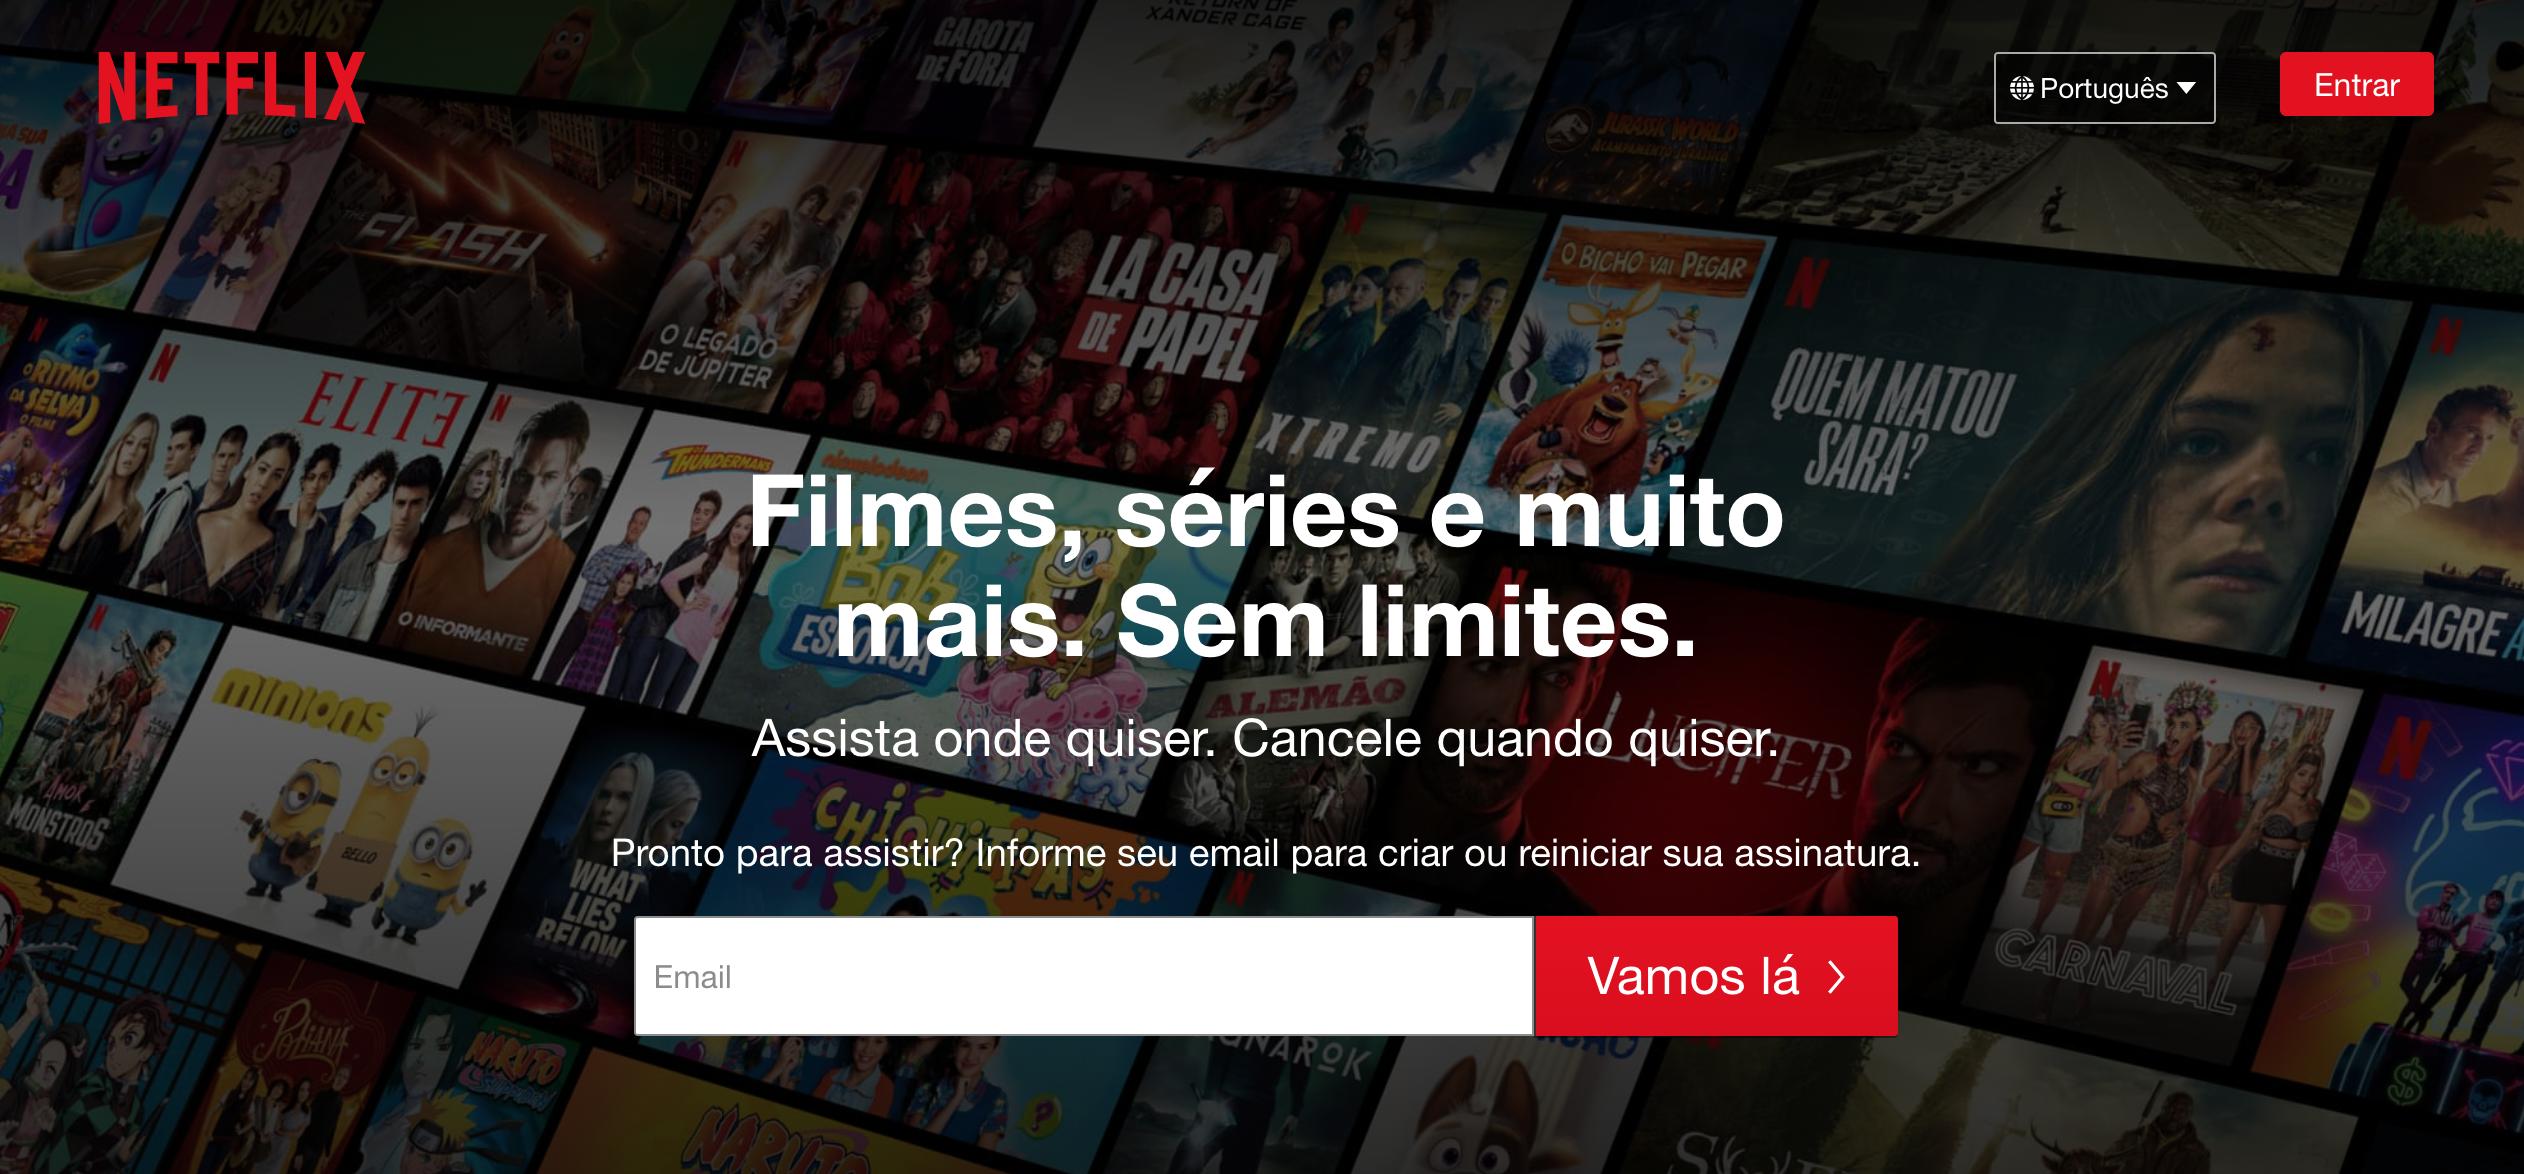 Página de entrada do site Netflix.